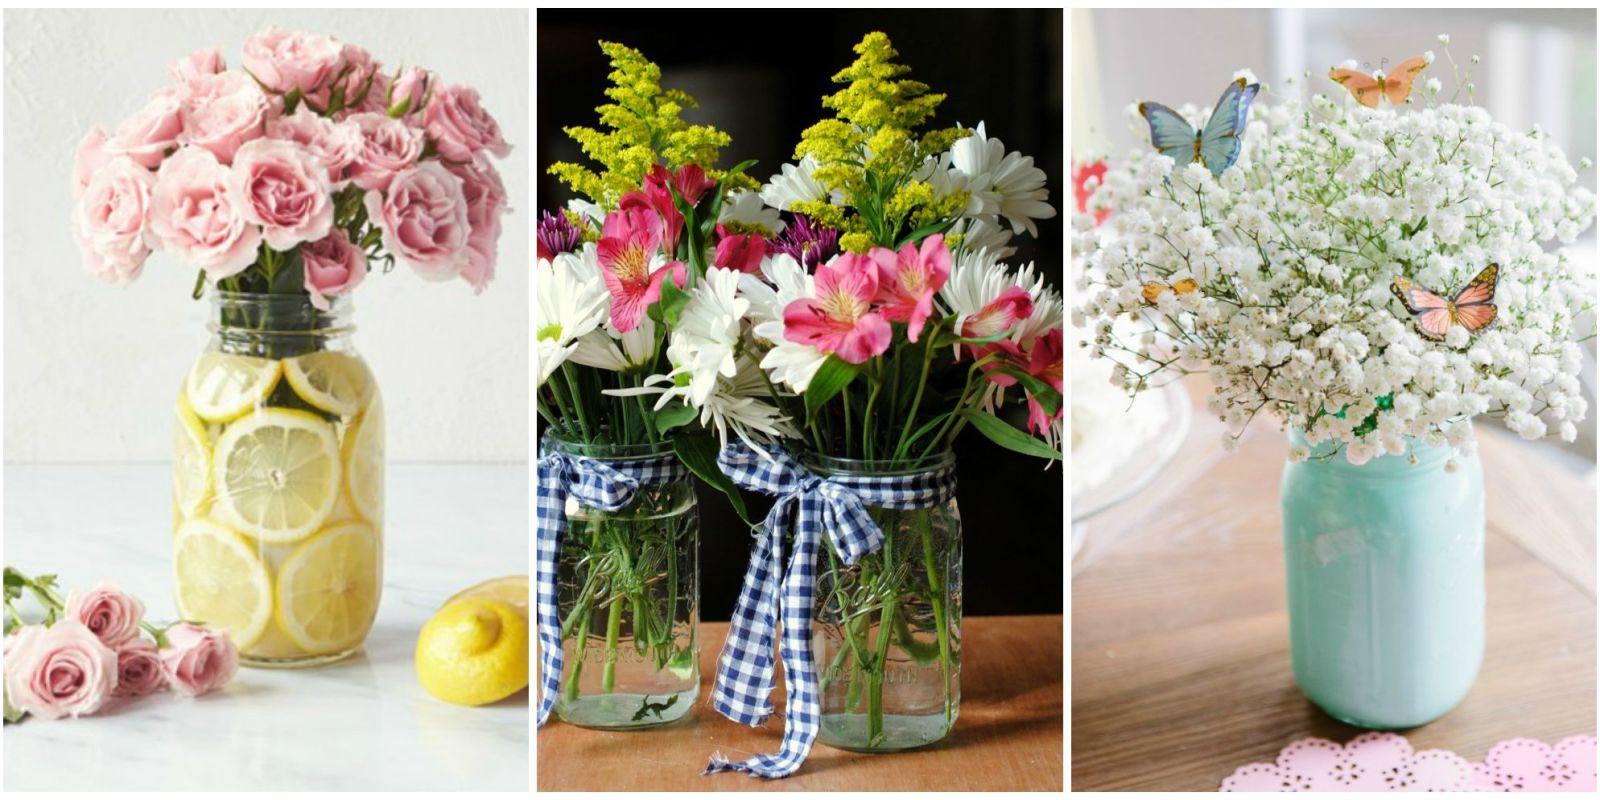 Images Of Flower Arrangements 13 pretty mason jar flower arrangements - best floral centerpieces